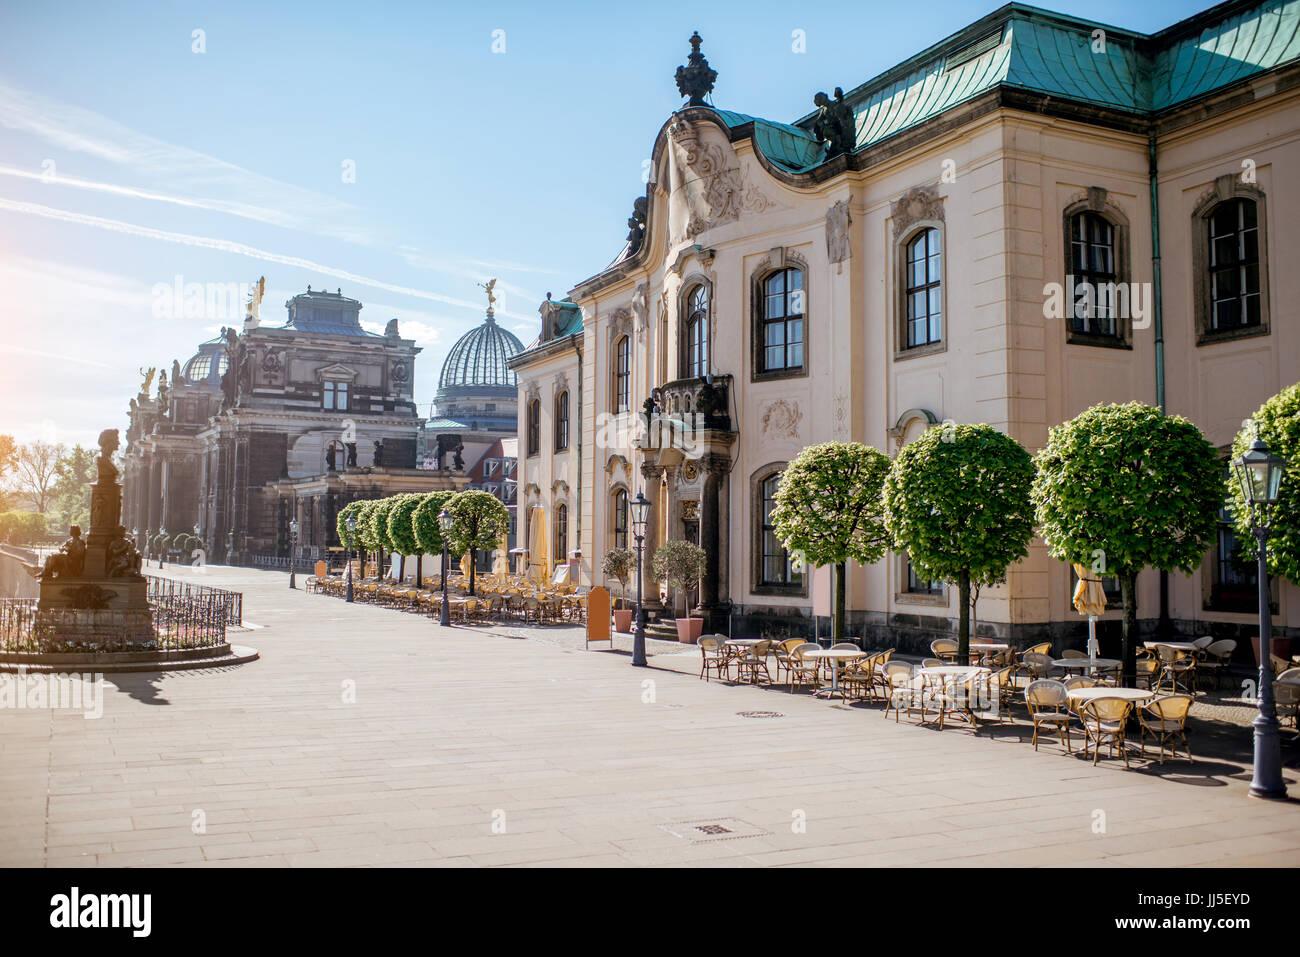 La città di Dresda in Germania Immagini Stock